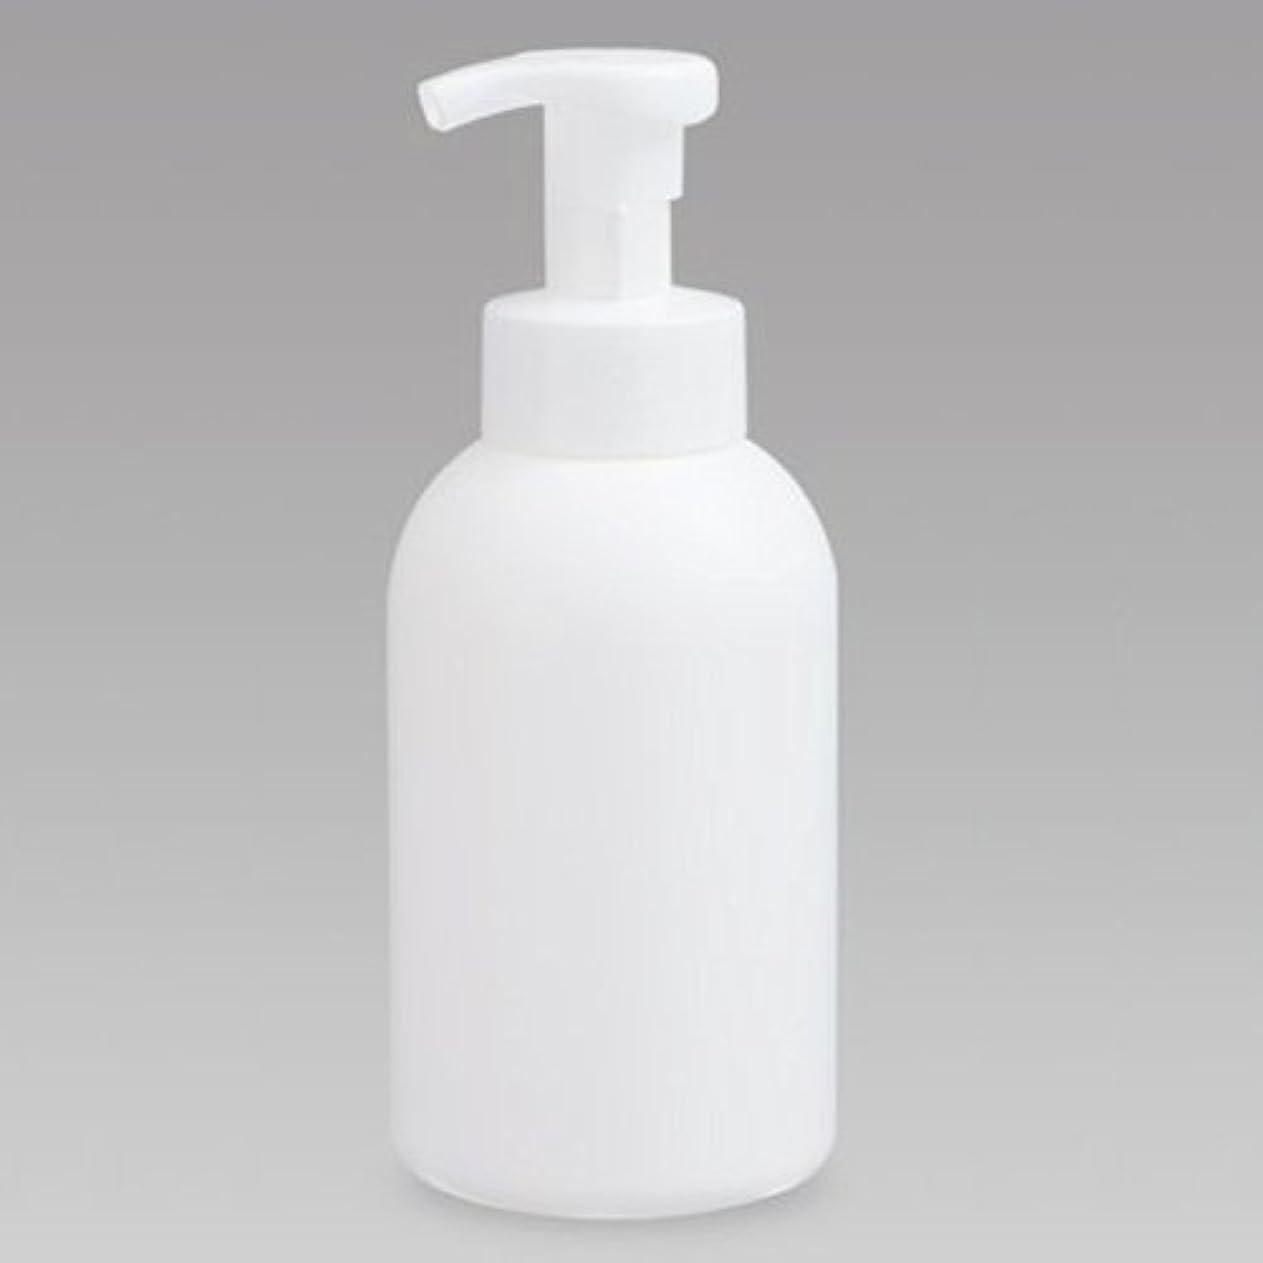 所得十二塗抹泡ボトル 泡ポンプボトル 500mL(PE) ホワイト 詰め替え 詰替 泡ハンドソープ 全身石鹸 ボディソープ 洗顔フォーム